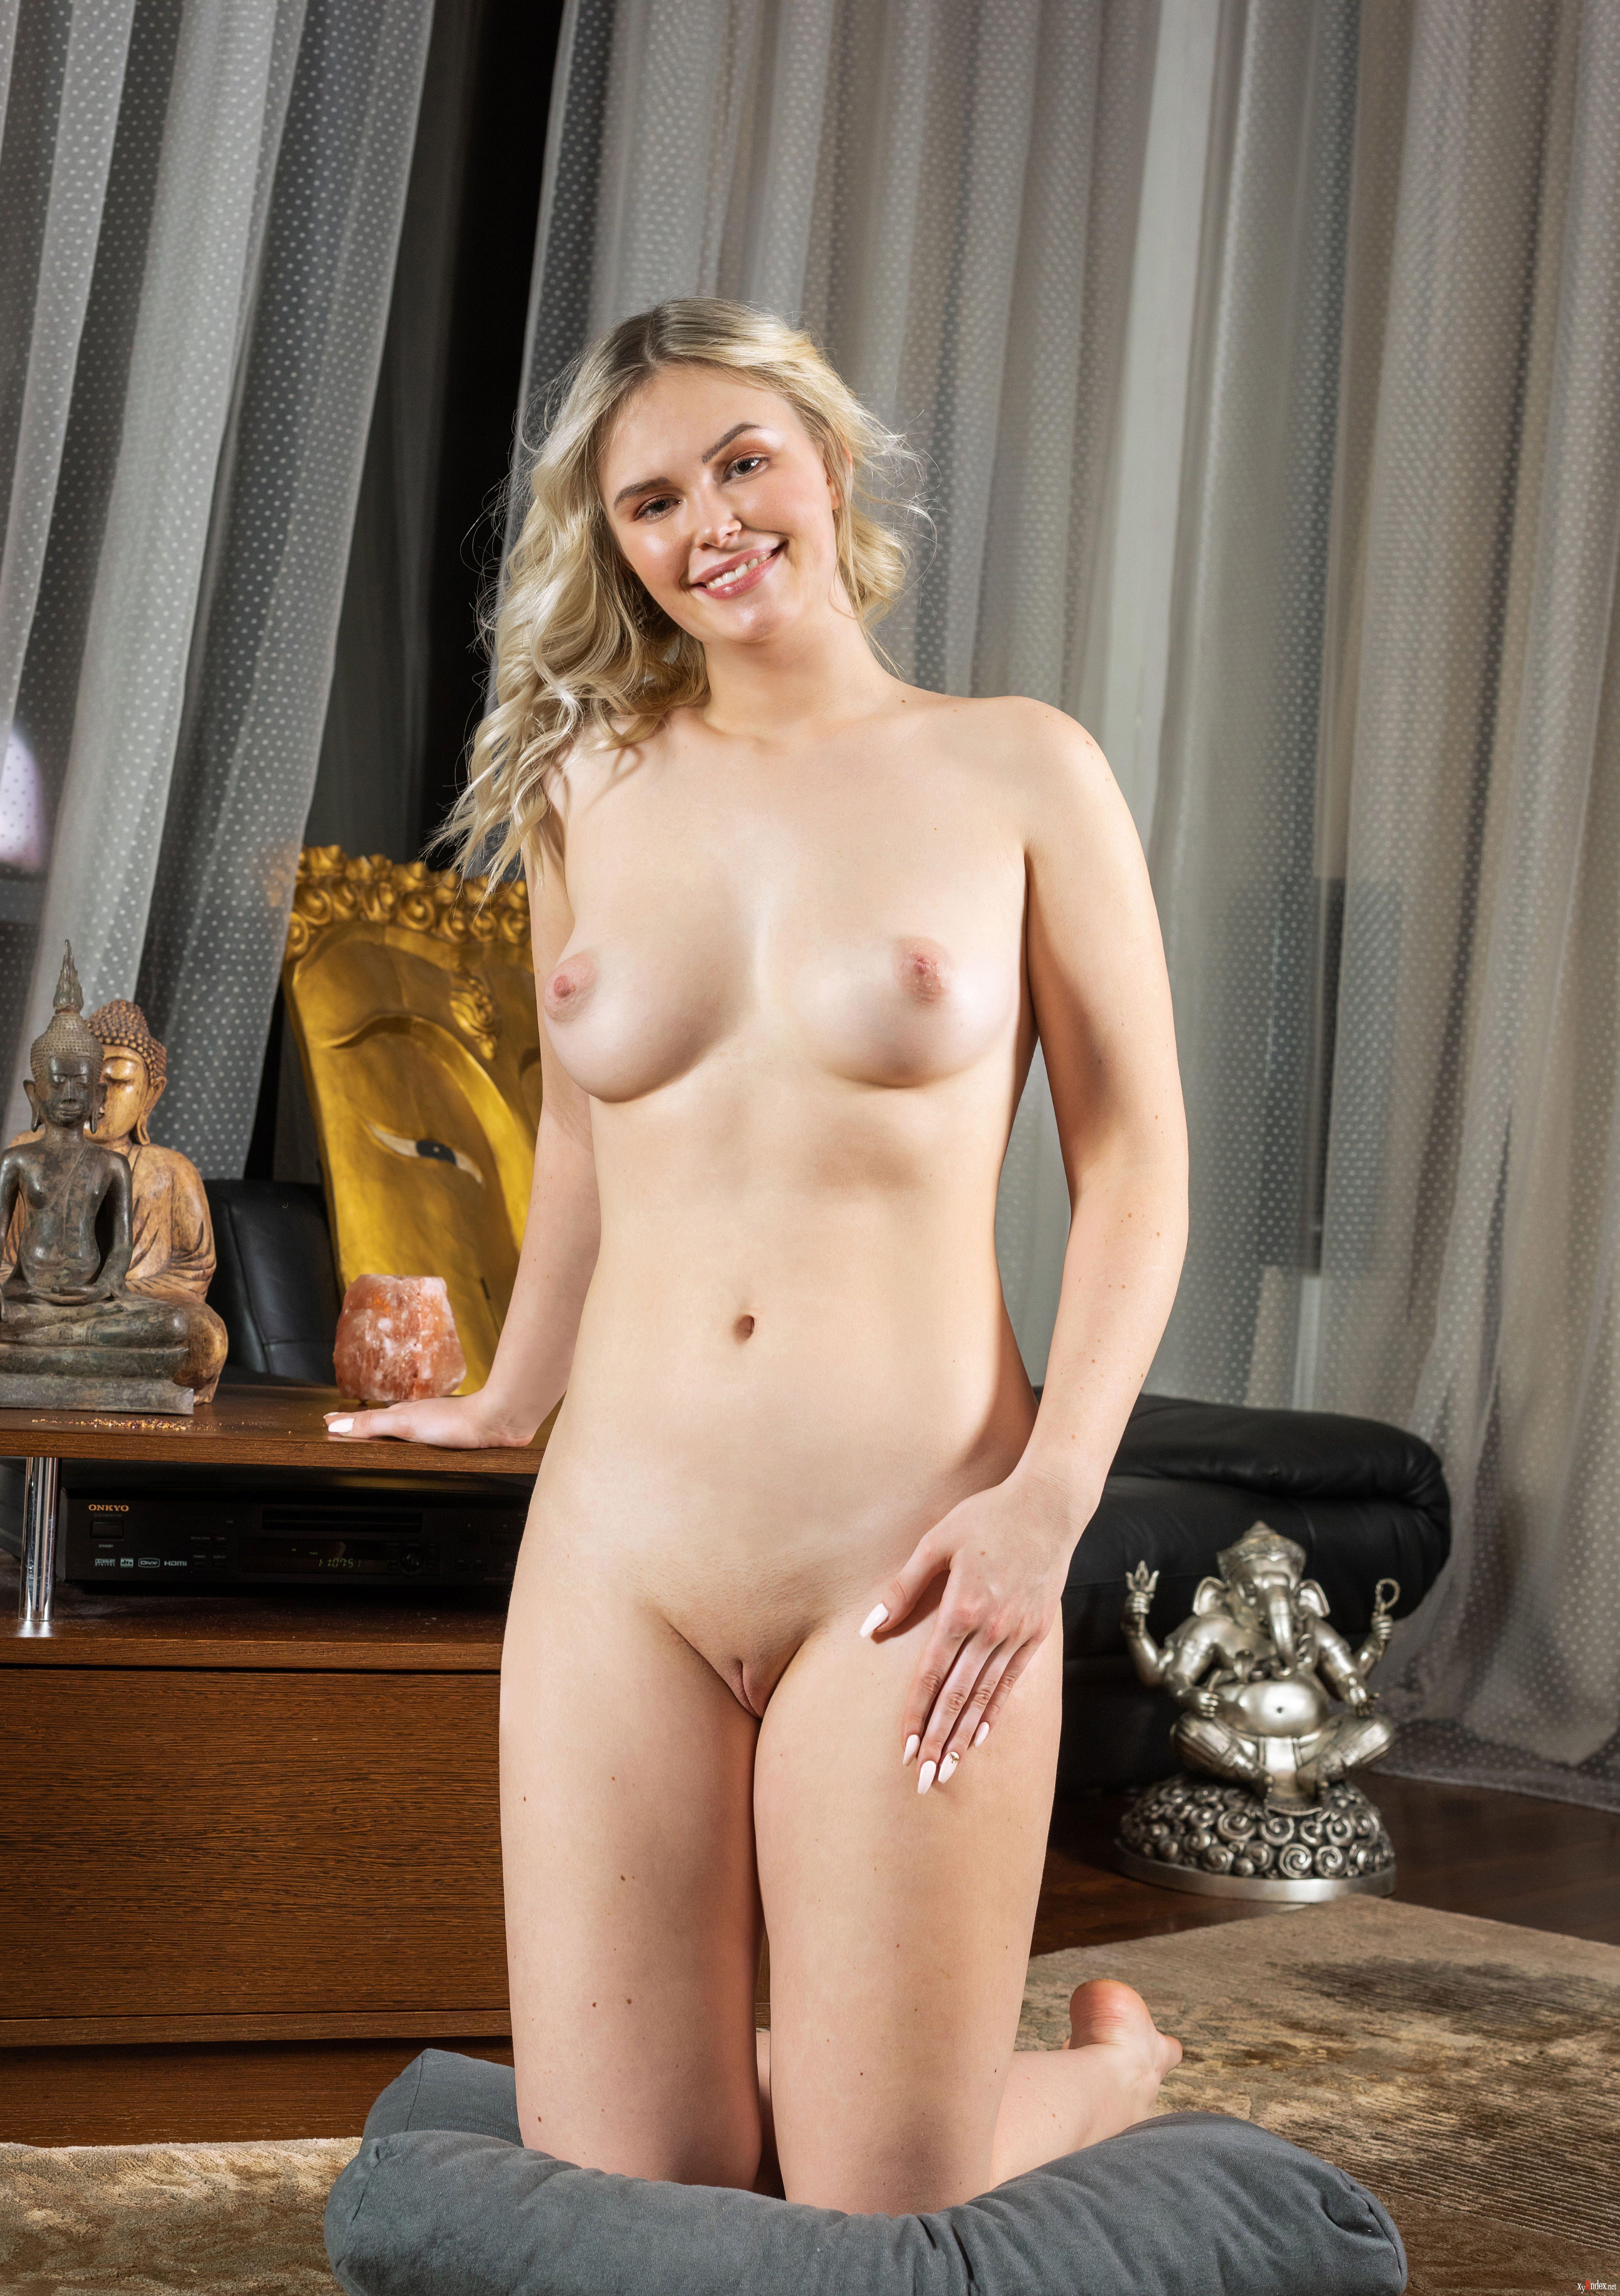 Ruth Nude In Erotic Cozy Gallery